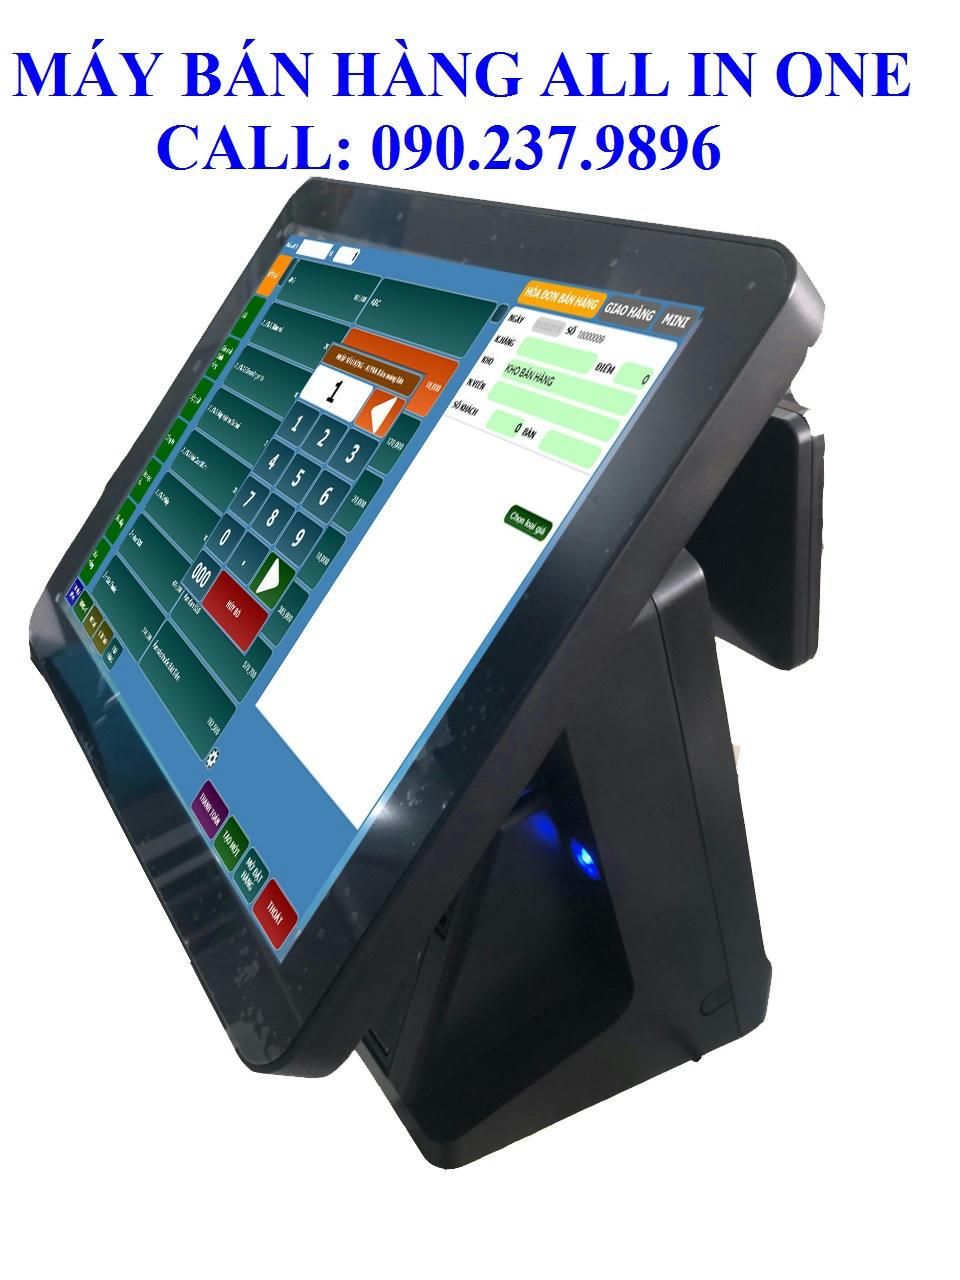 Bán máy tính tiền trọn bộ cho quán trà sữa hiện đại